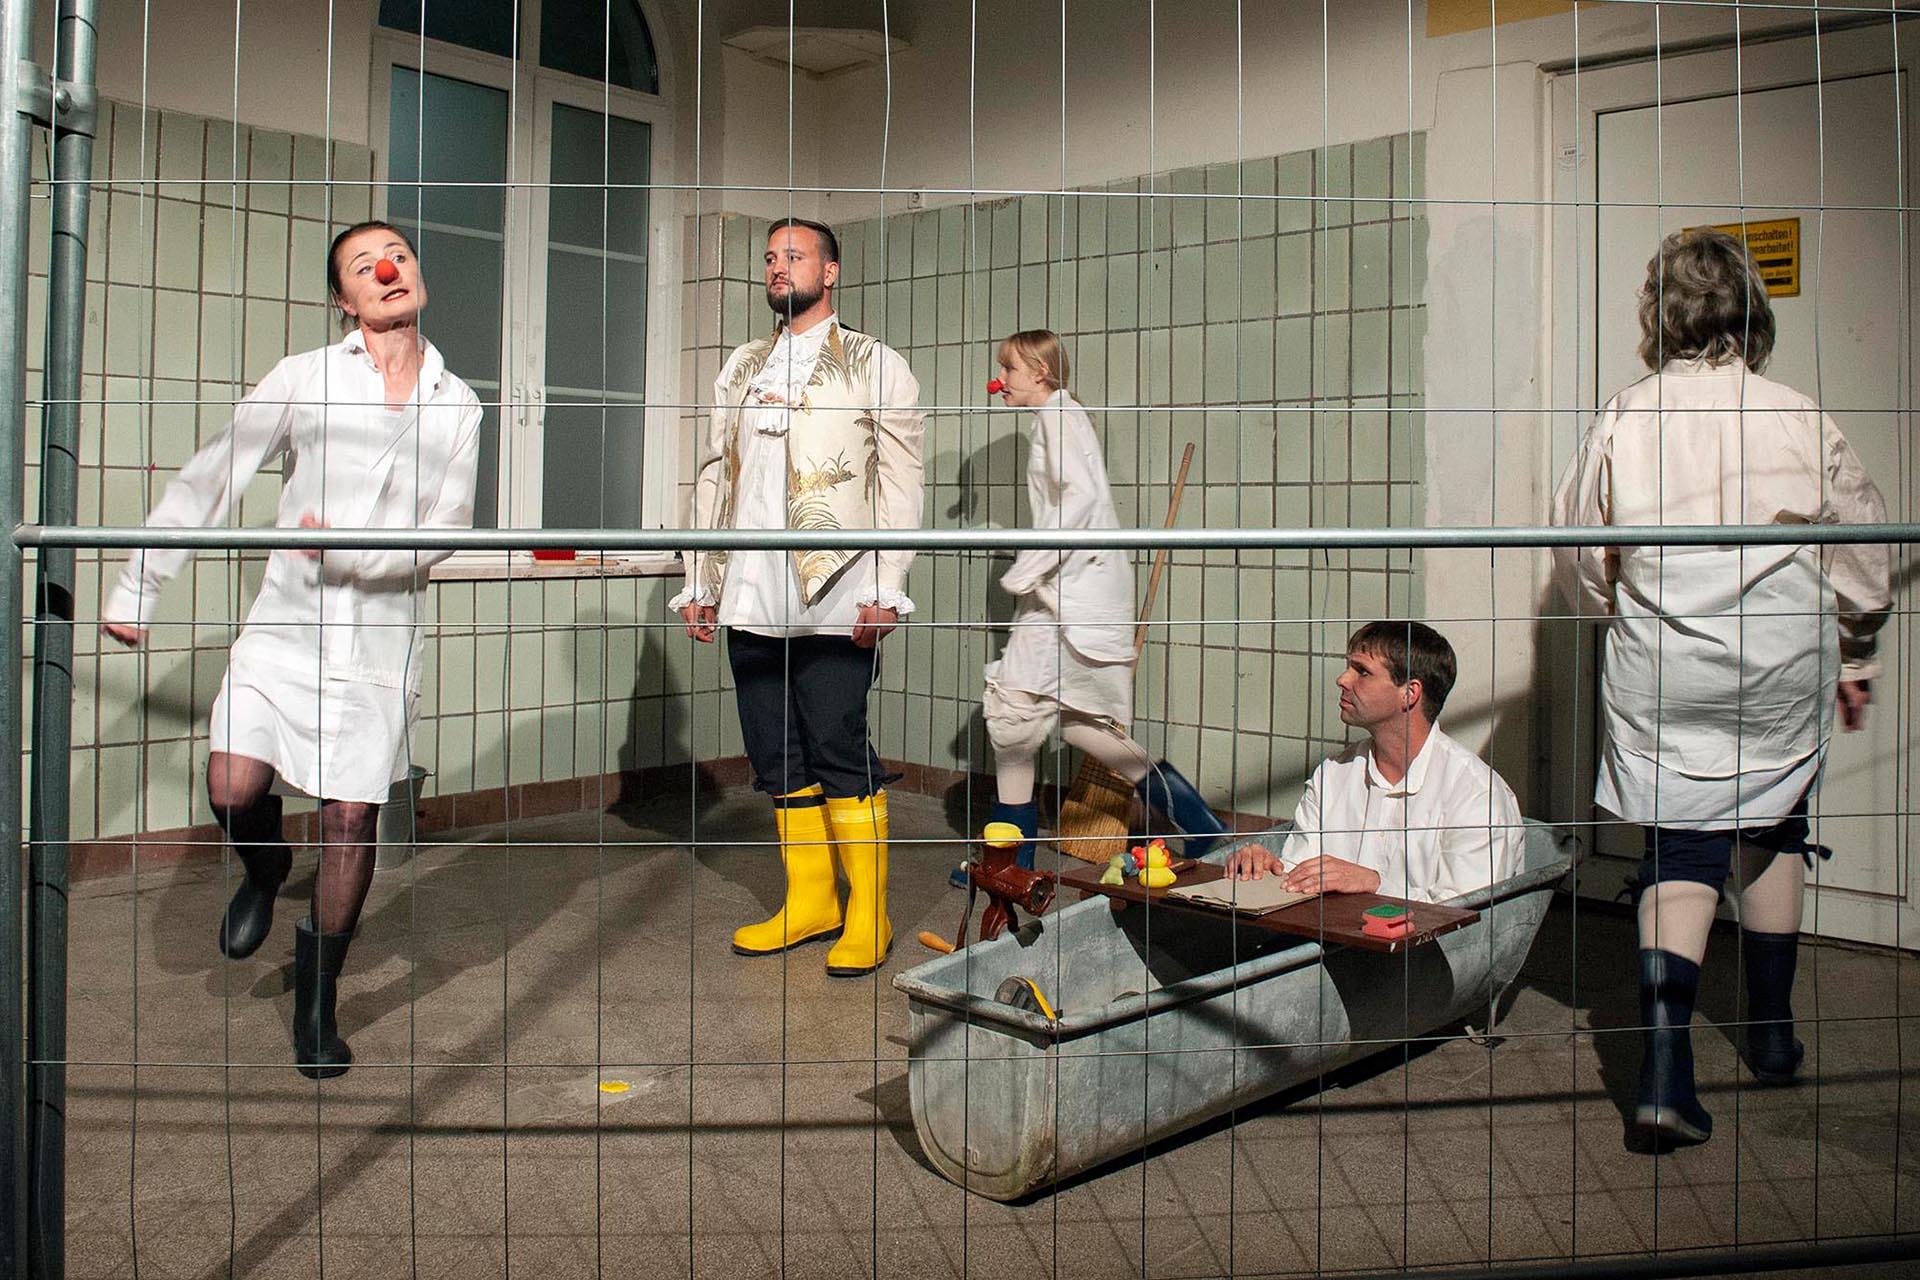 """Hommage an die Schauspielkunst: Mit der unter Leitung von Georg Peetz, Falkensee, entstandenen Inszenierung """"Marat/Sade"""" liefern die Mitwirkenden der Schauspielwerkstatt des Greizer Theaterherbstes ein grandioses Husarenstück ab."""